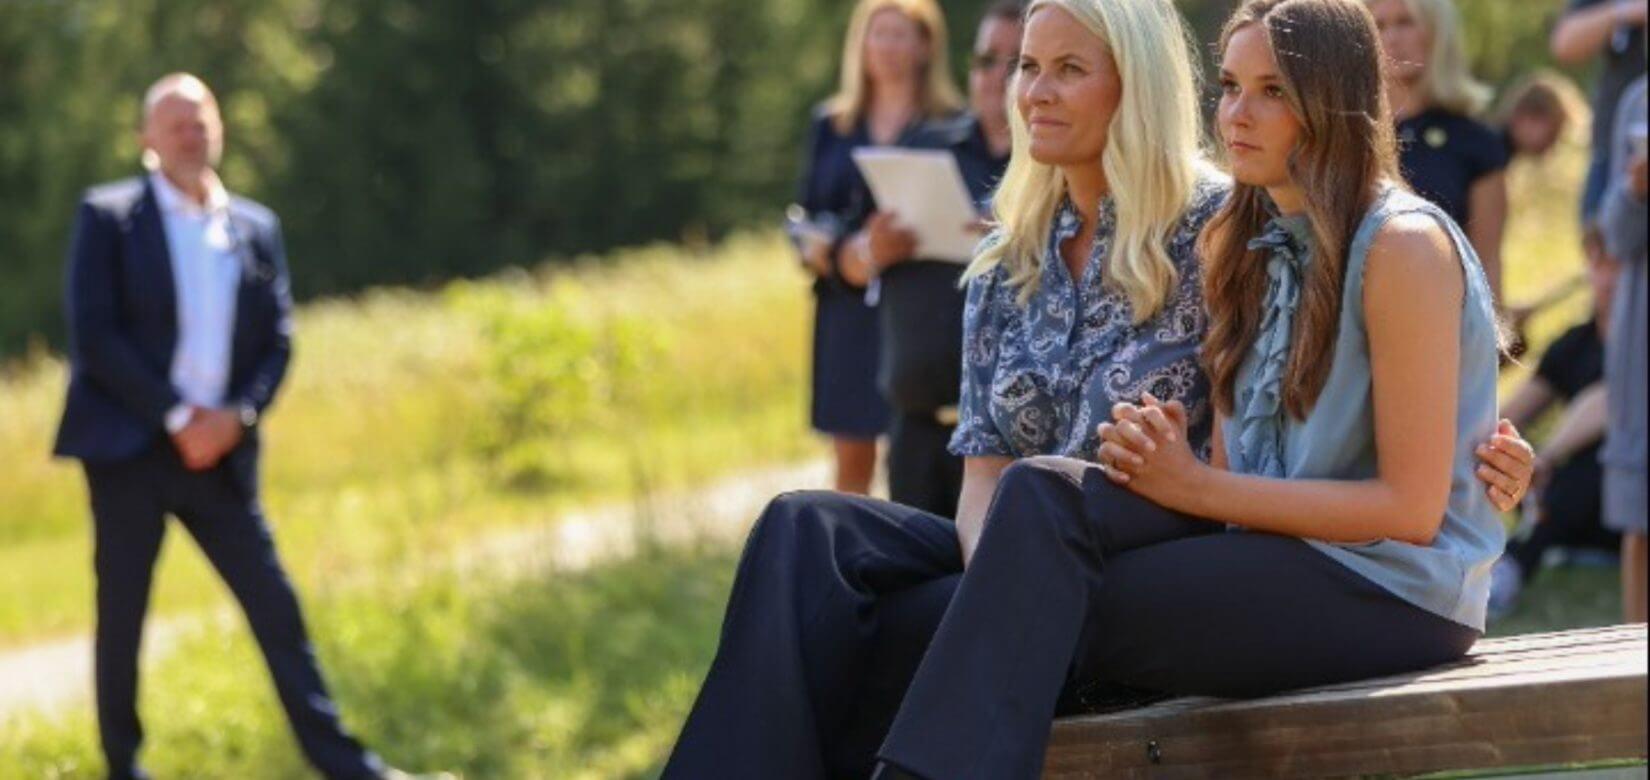 Τι κι αν είναι πριγκίπισσα... η 17χρονη Ίνγκριντ Αλεξάνδρα της Νορβηγίας εργάστηκε σε εστιατόριο